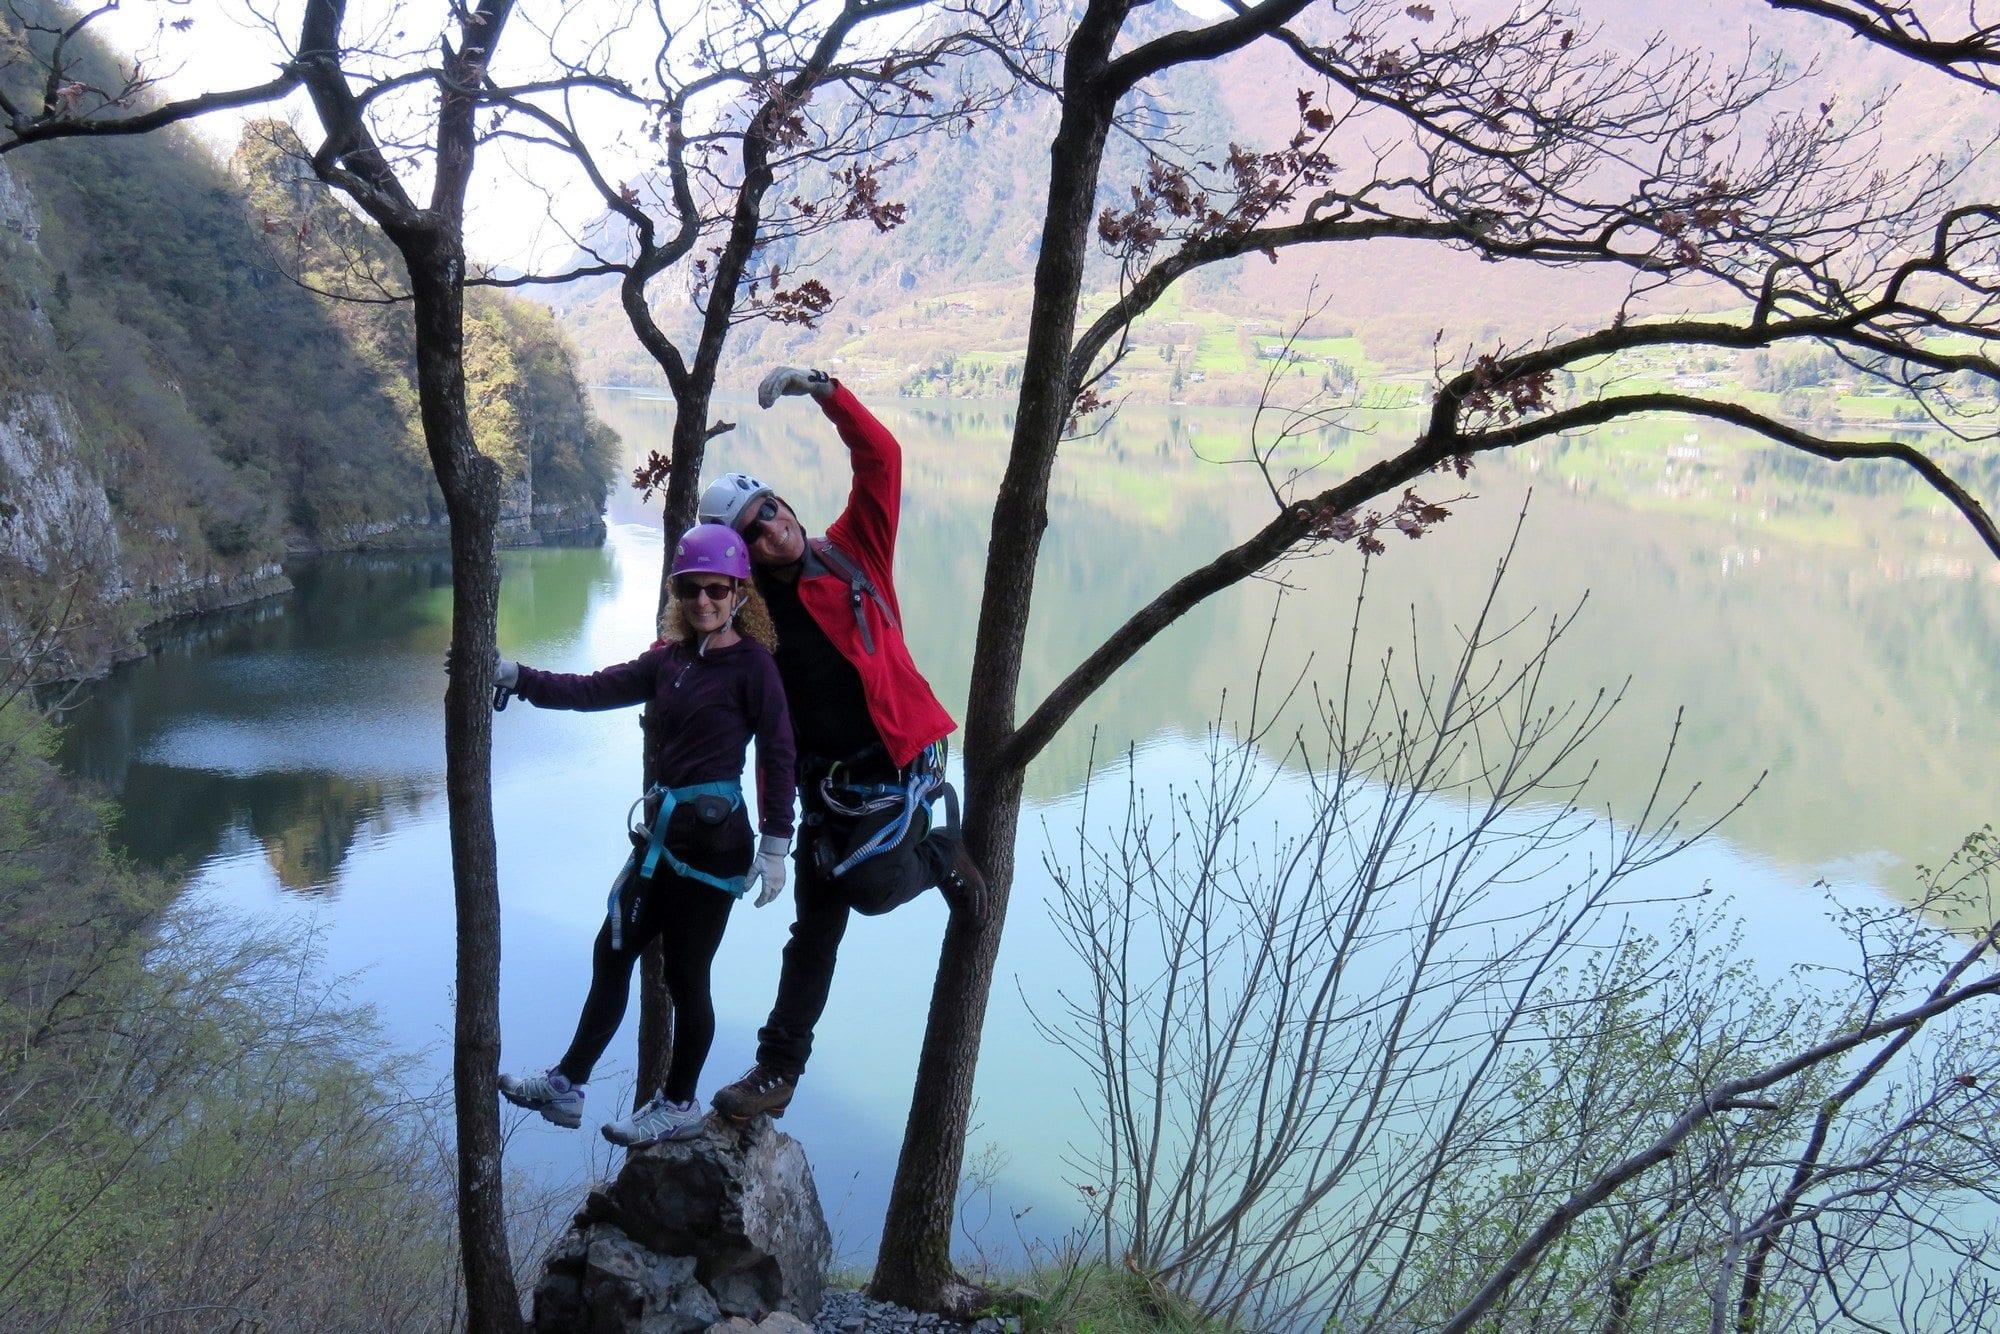 ויה פראטה Sasse - אגם אידרו איטליה - ערוצים בטבע